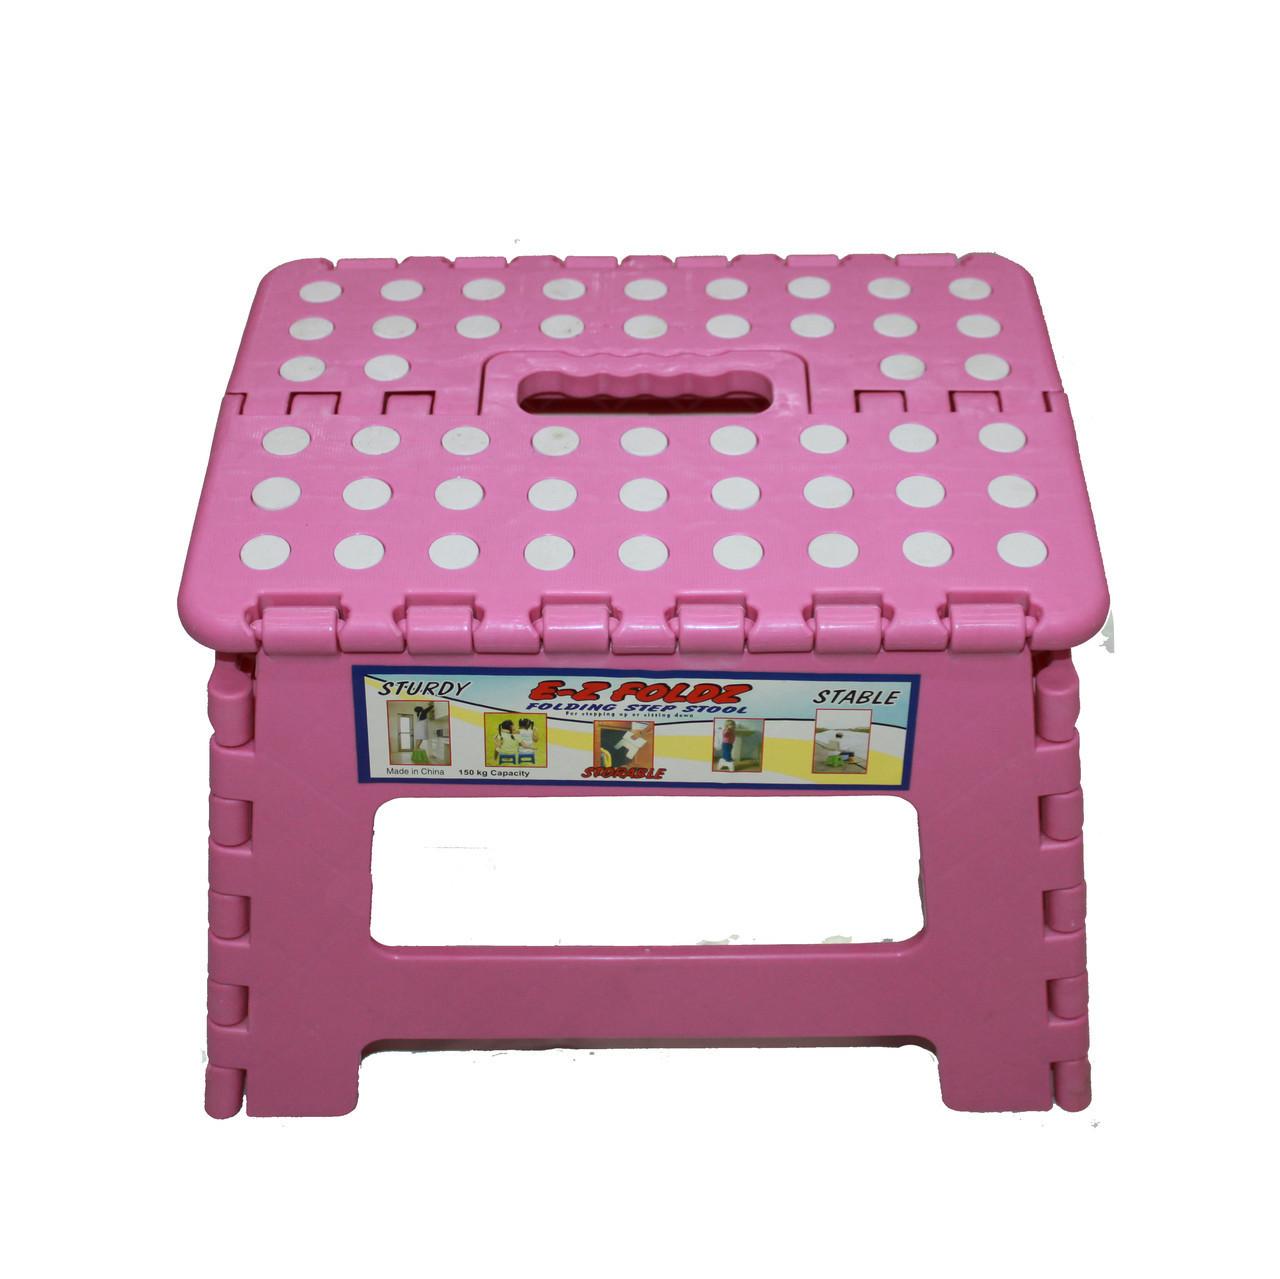 Мультистул - складной табурет-подставка, 28*22 см, розовый